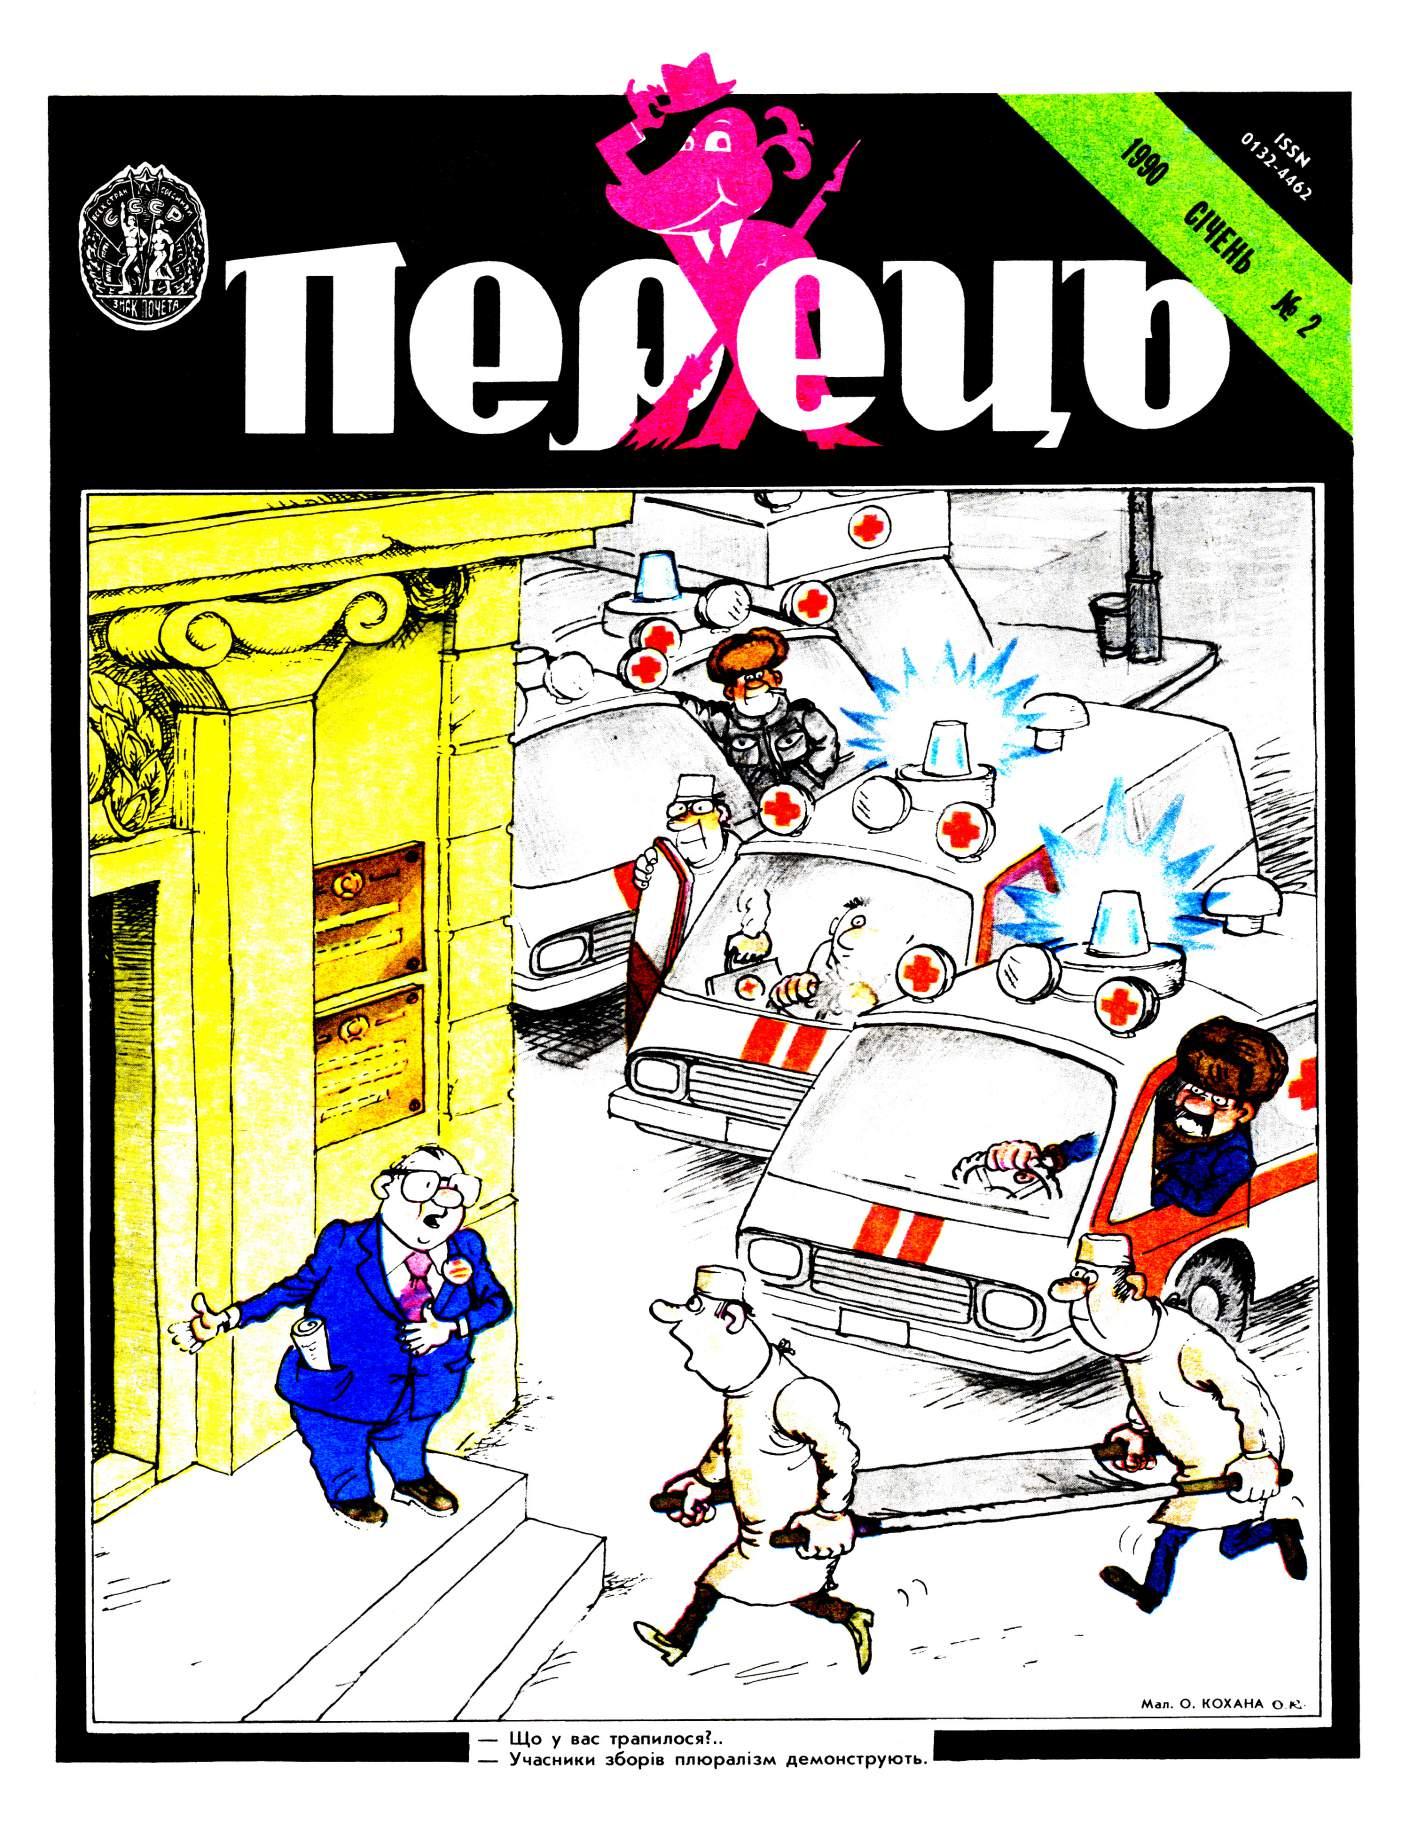 Журнал перець 1990 №02